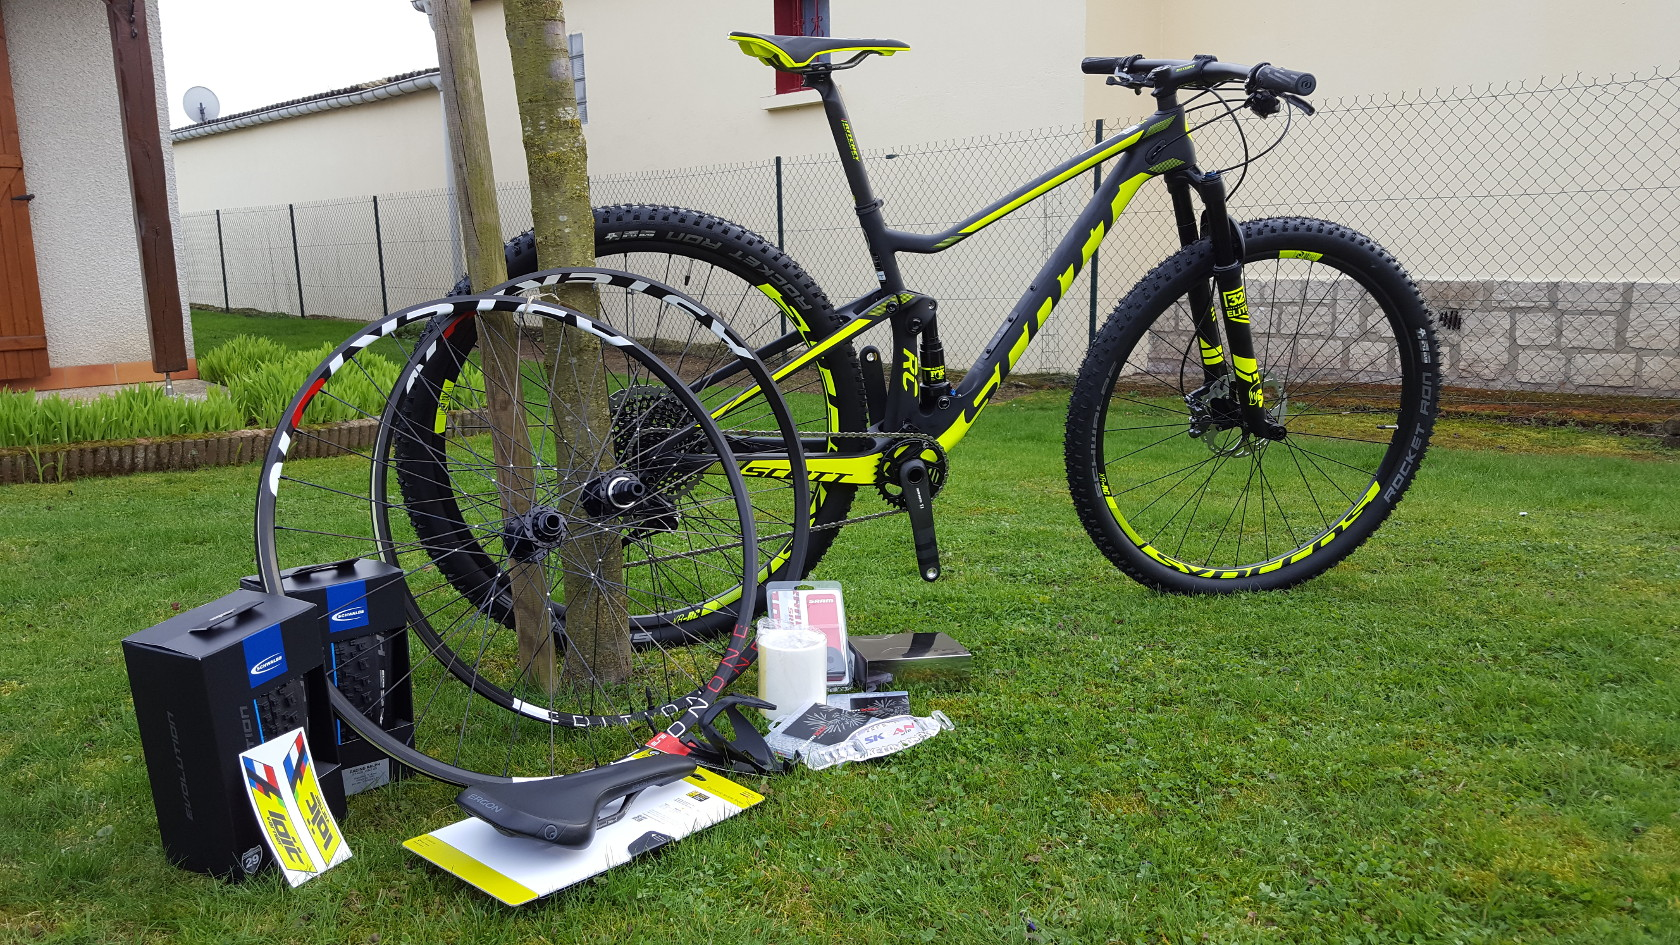 Épinglé sur Matériel cyclisme VTT